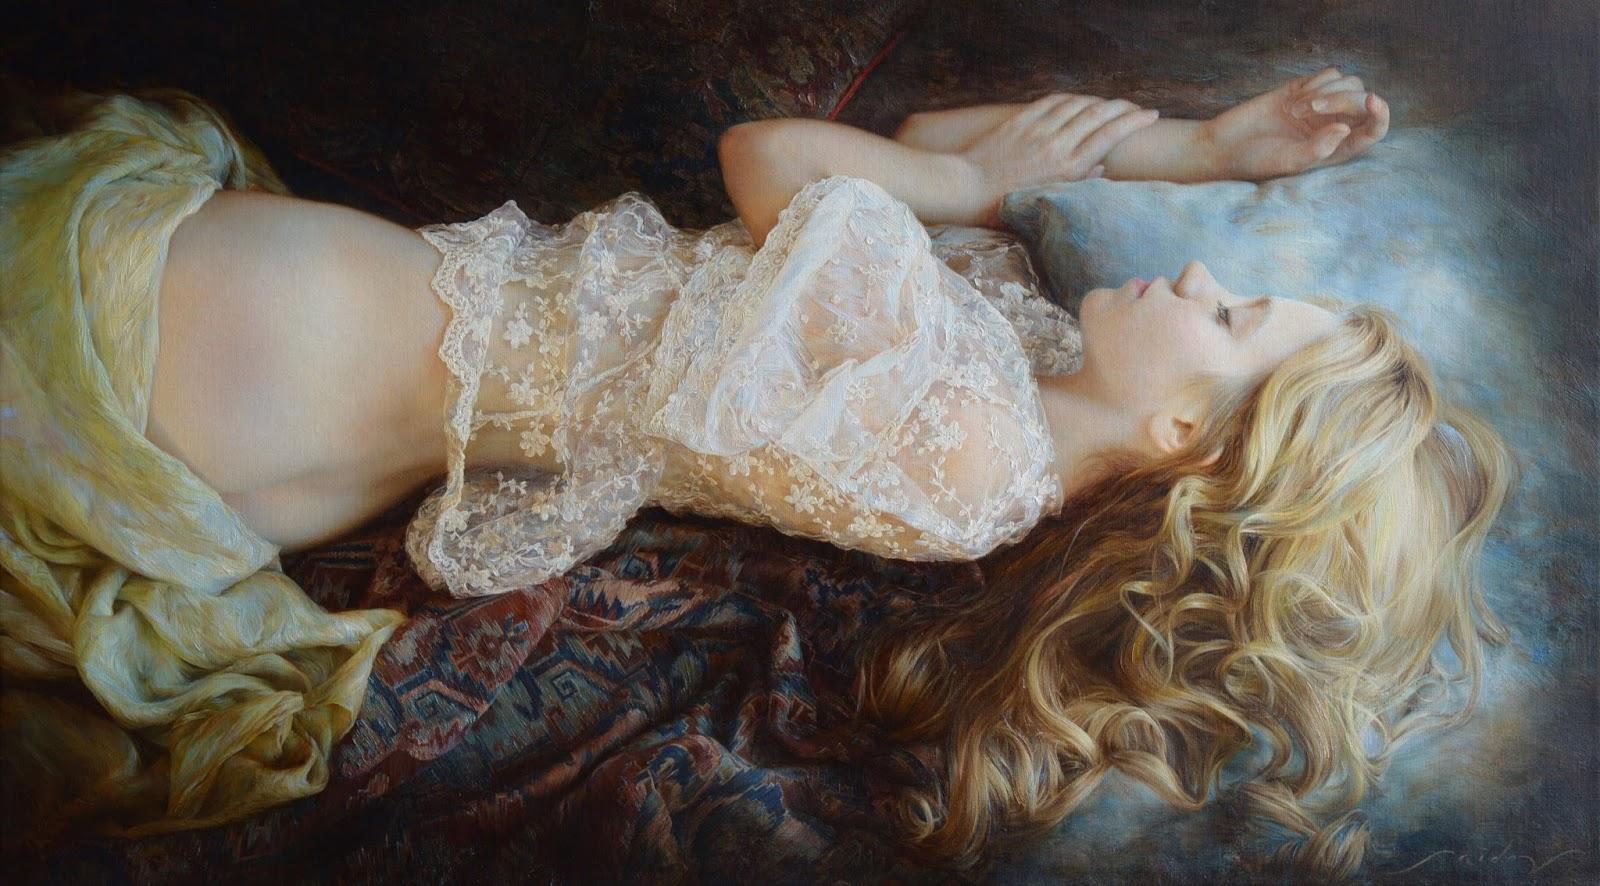 Hyperrealistic Oil Paintings by Aydemir Saidov - Tenderness (2015)